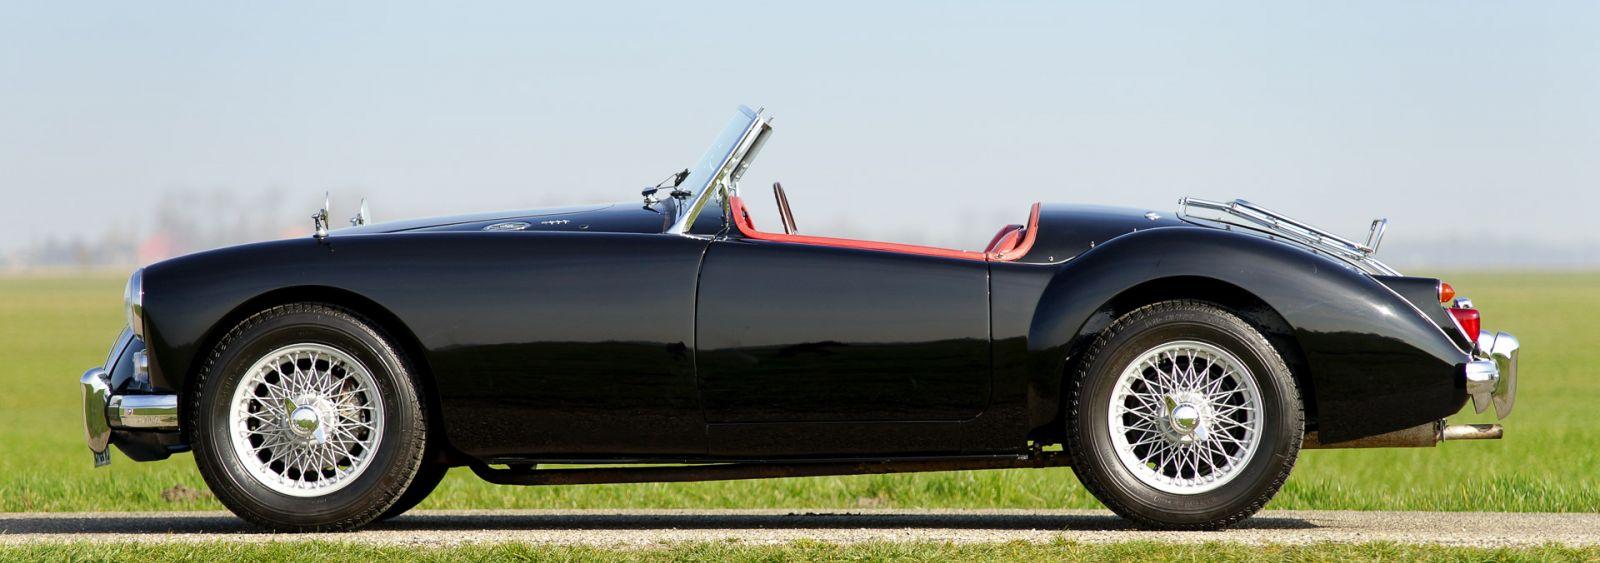 Mga For Sale >> MG MGA 1600 roadster, 1960 - Welcome to ClassiCarGarage